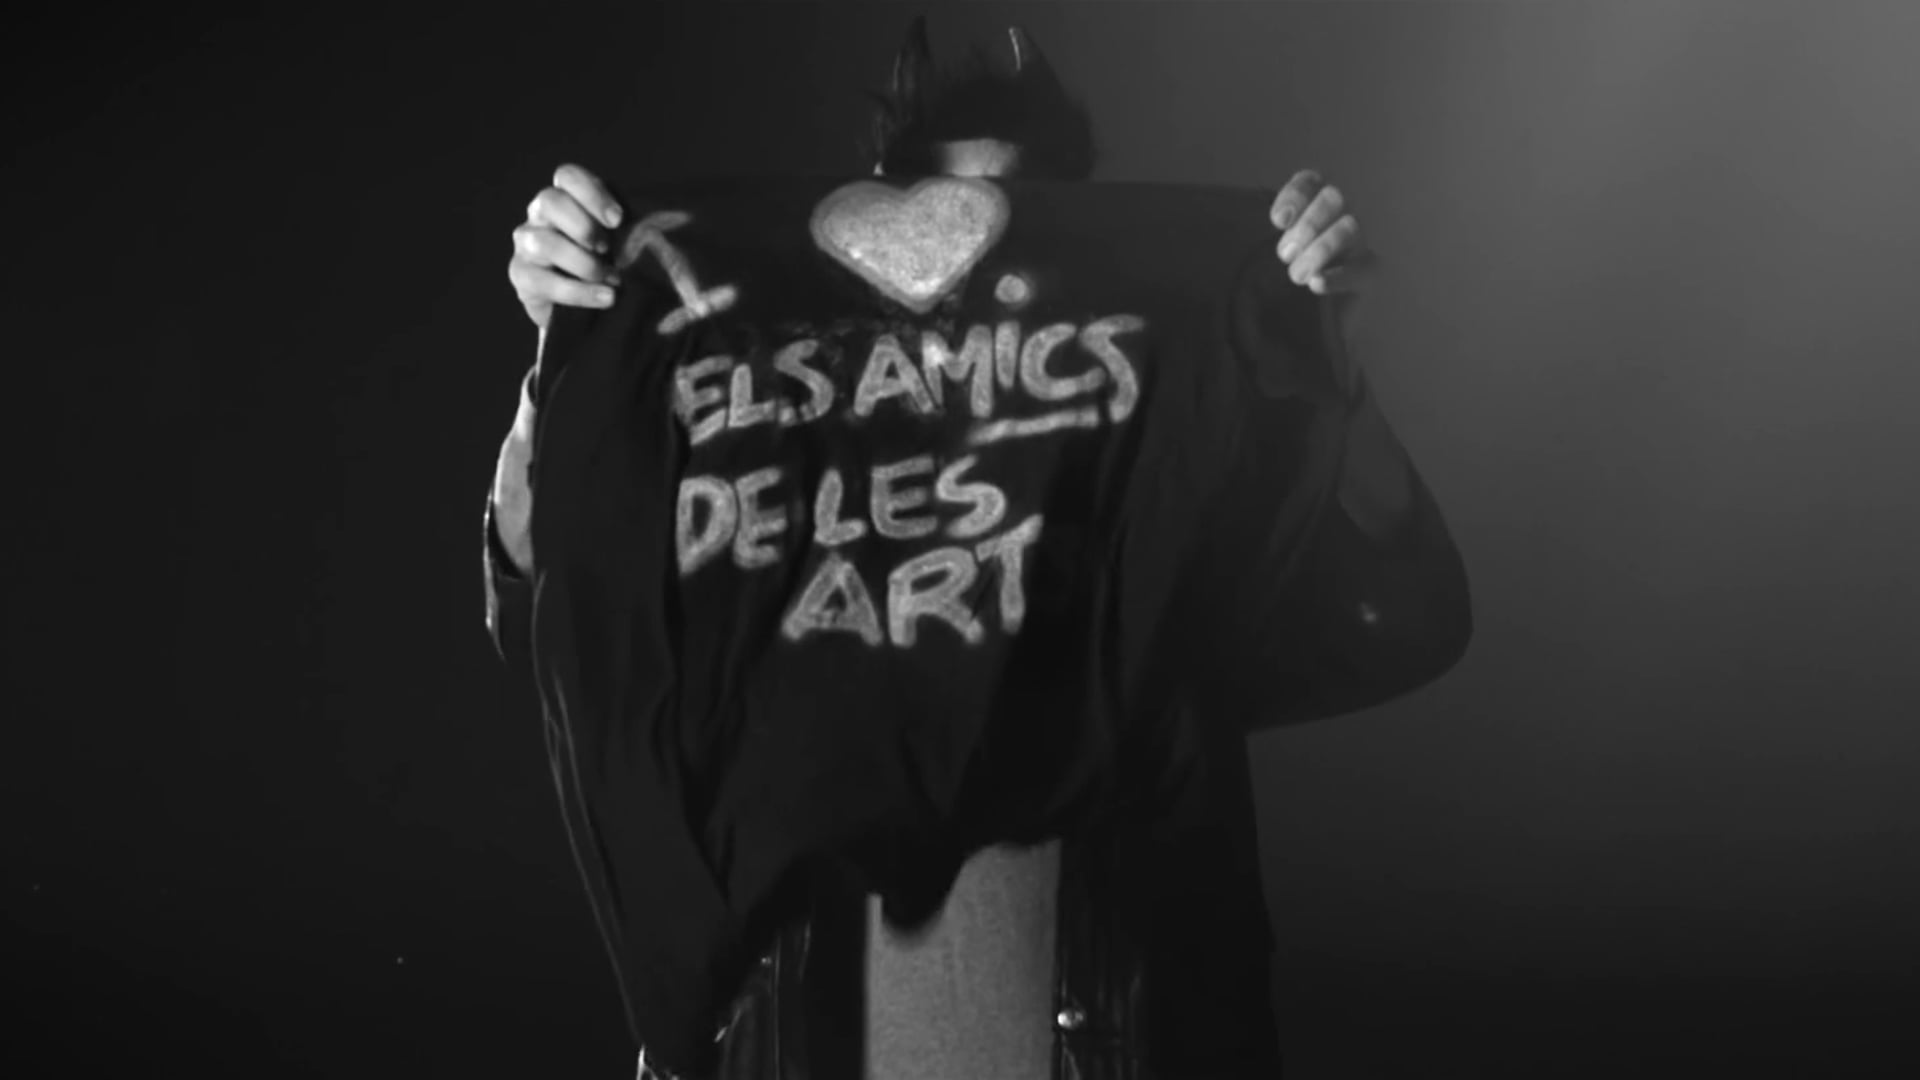 ELS AMICS S'AJUDEN EN TOT (Els amics de les arts)